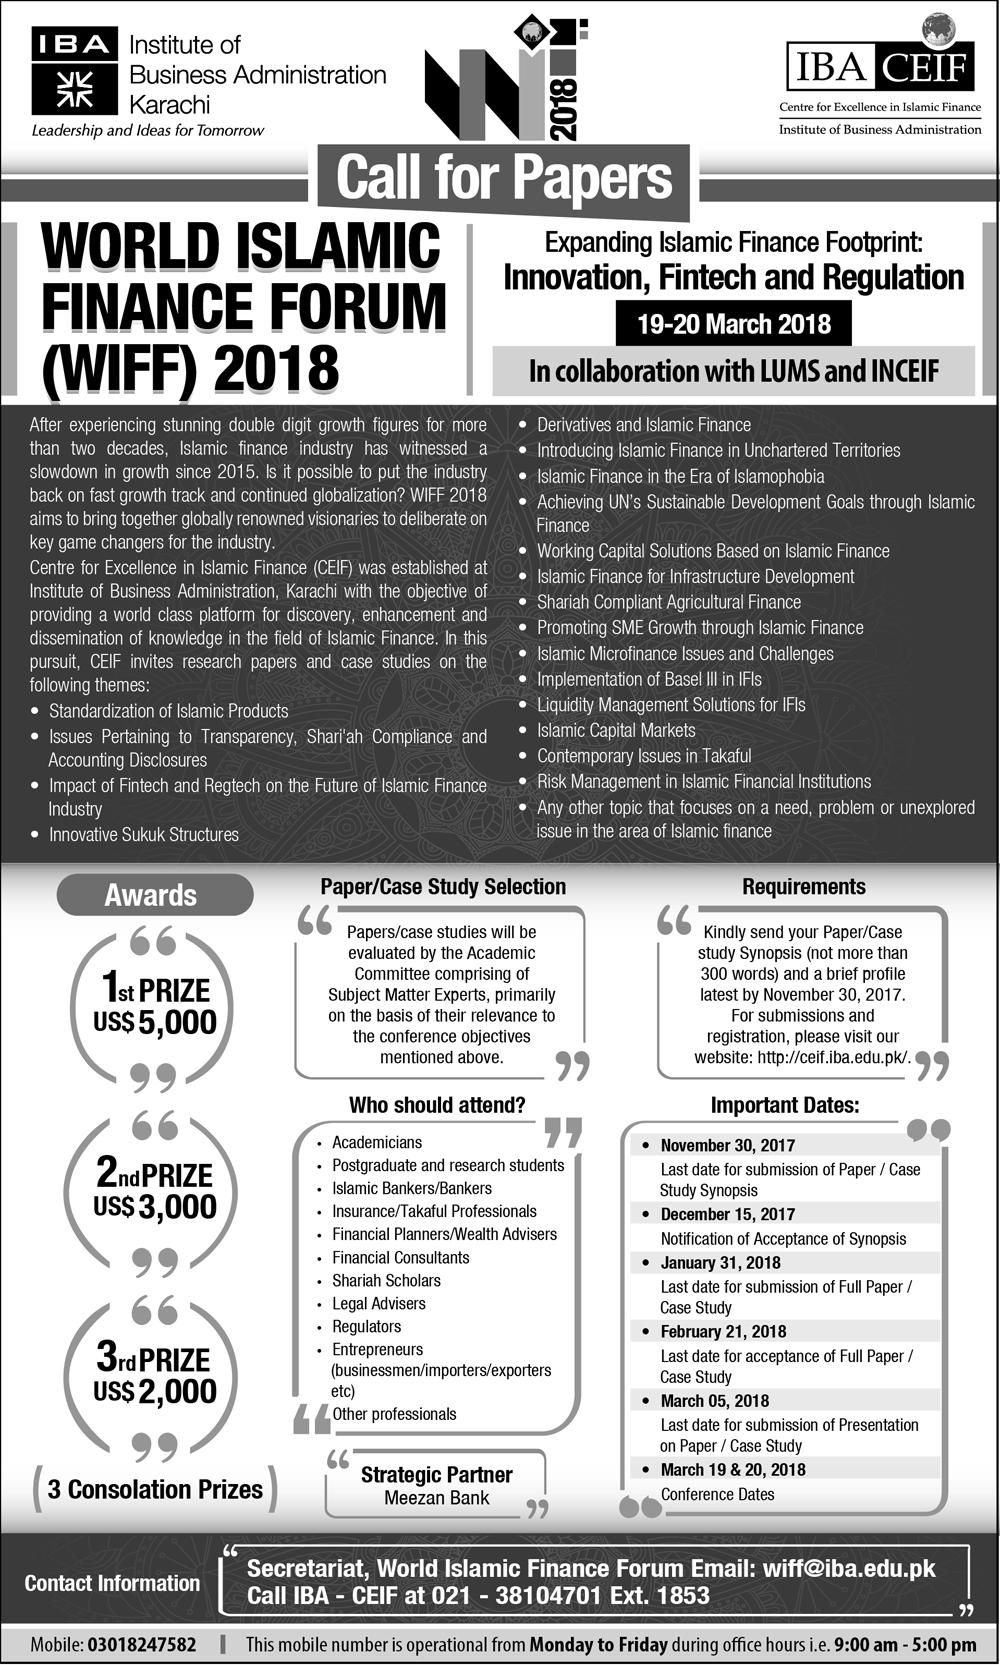 World Islamic Finance Forum 2018